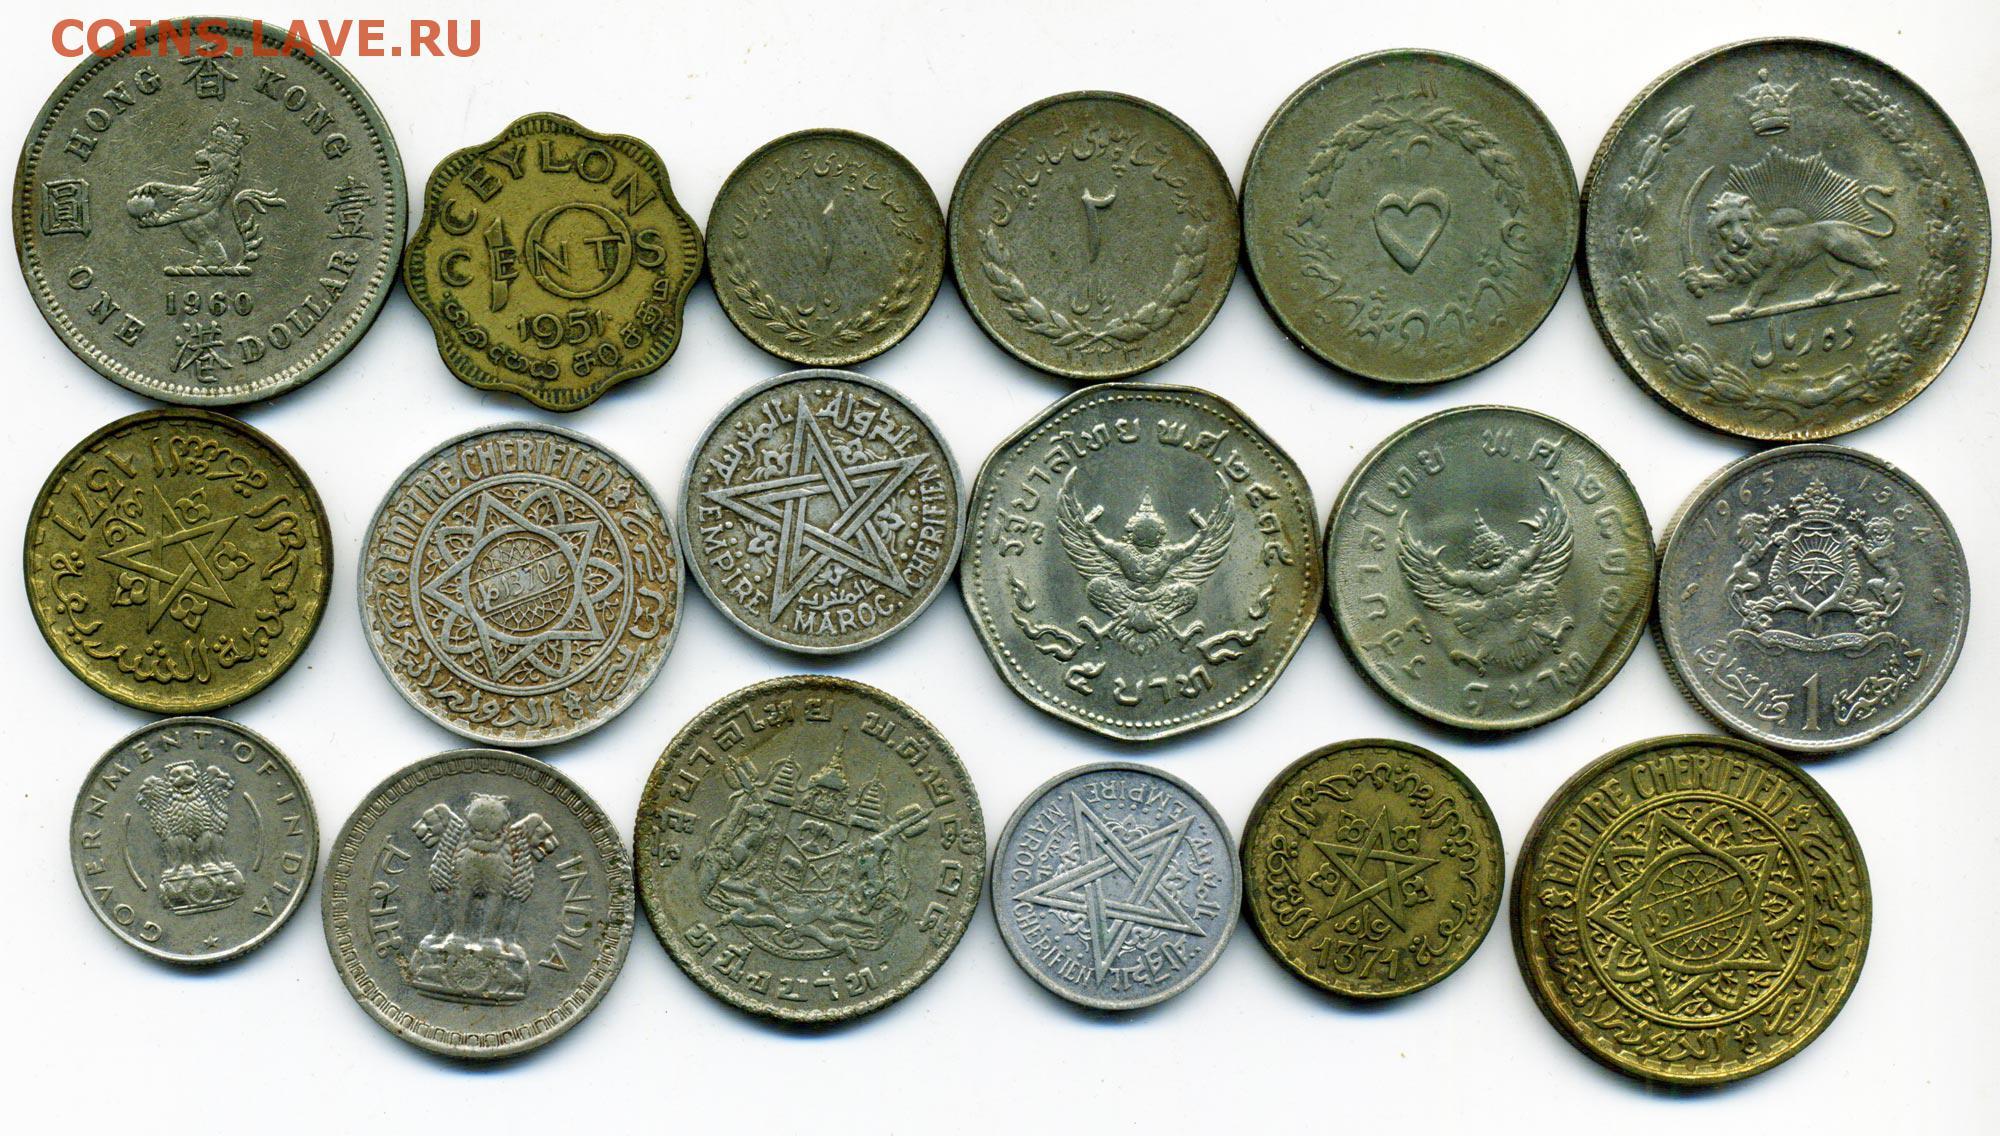 Монеты с иероглифами фото 1 2 копейки 1896